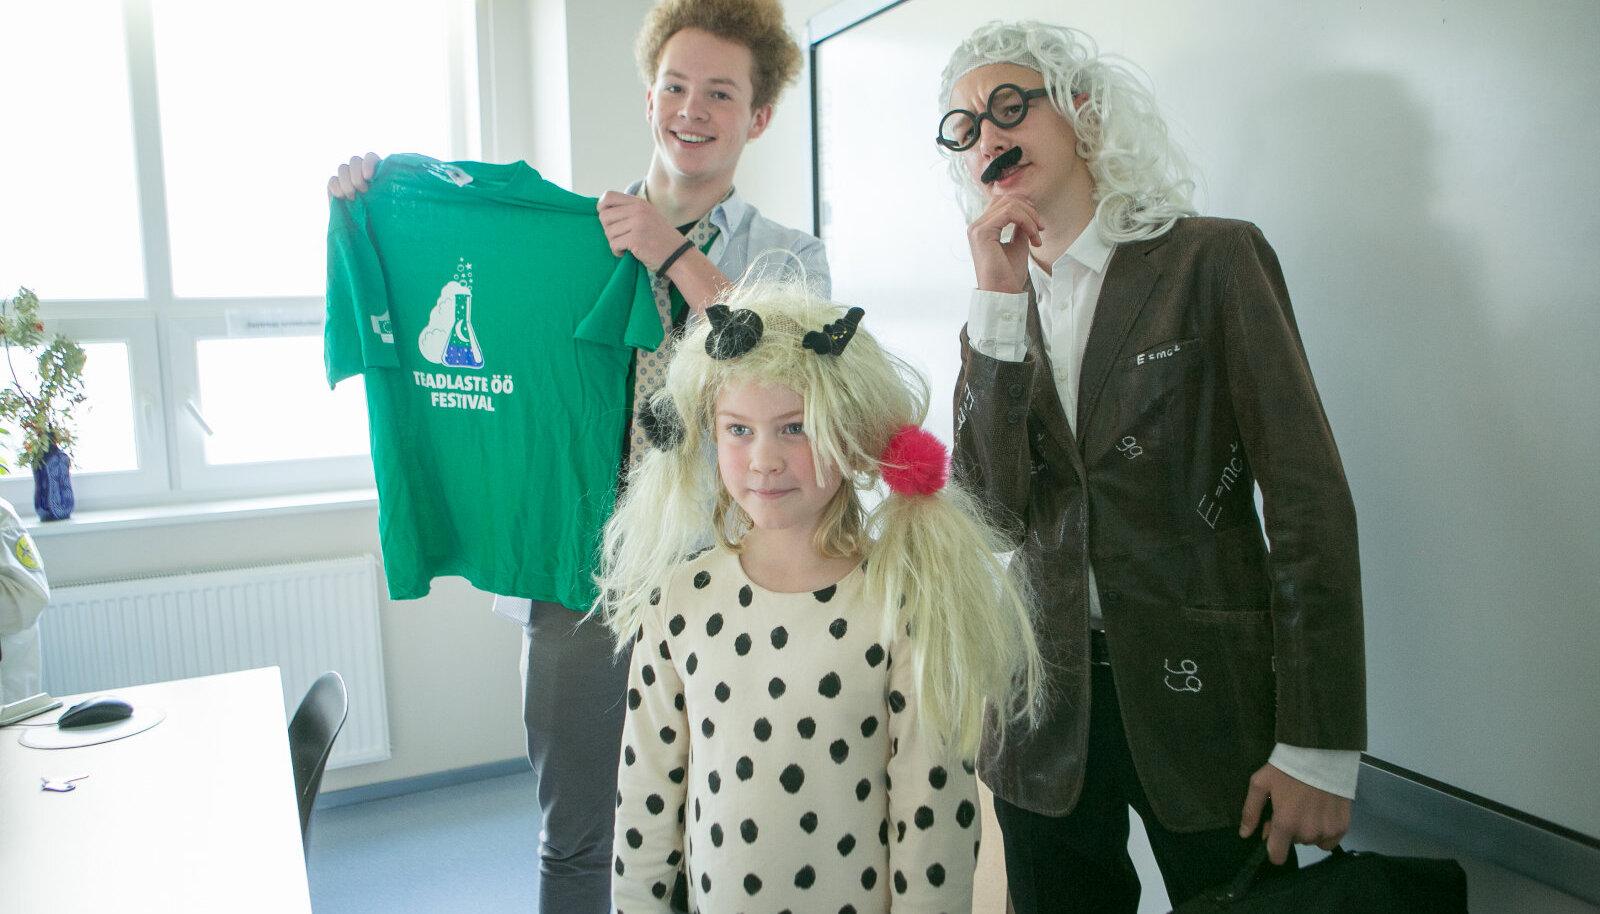 Teadlaste kostüümikonkursi kolm väljavalitut – Karl-Alder Kuivjõgi (vasakul), Ermo Nõmm ja Iti Piht.